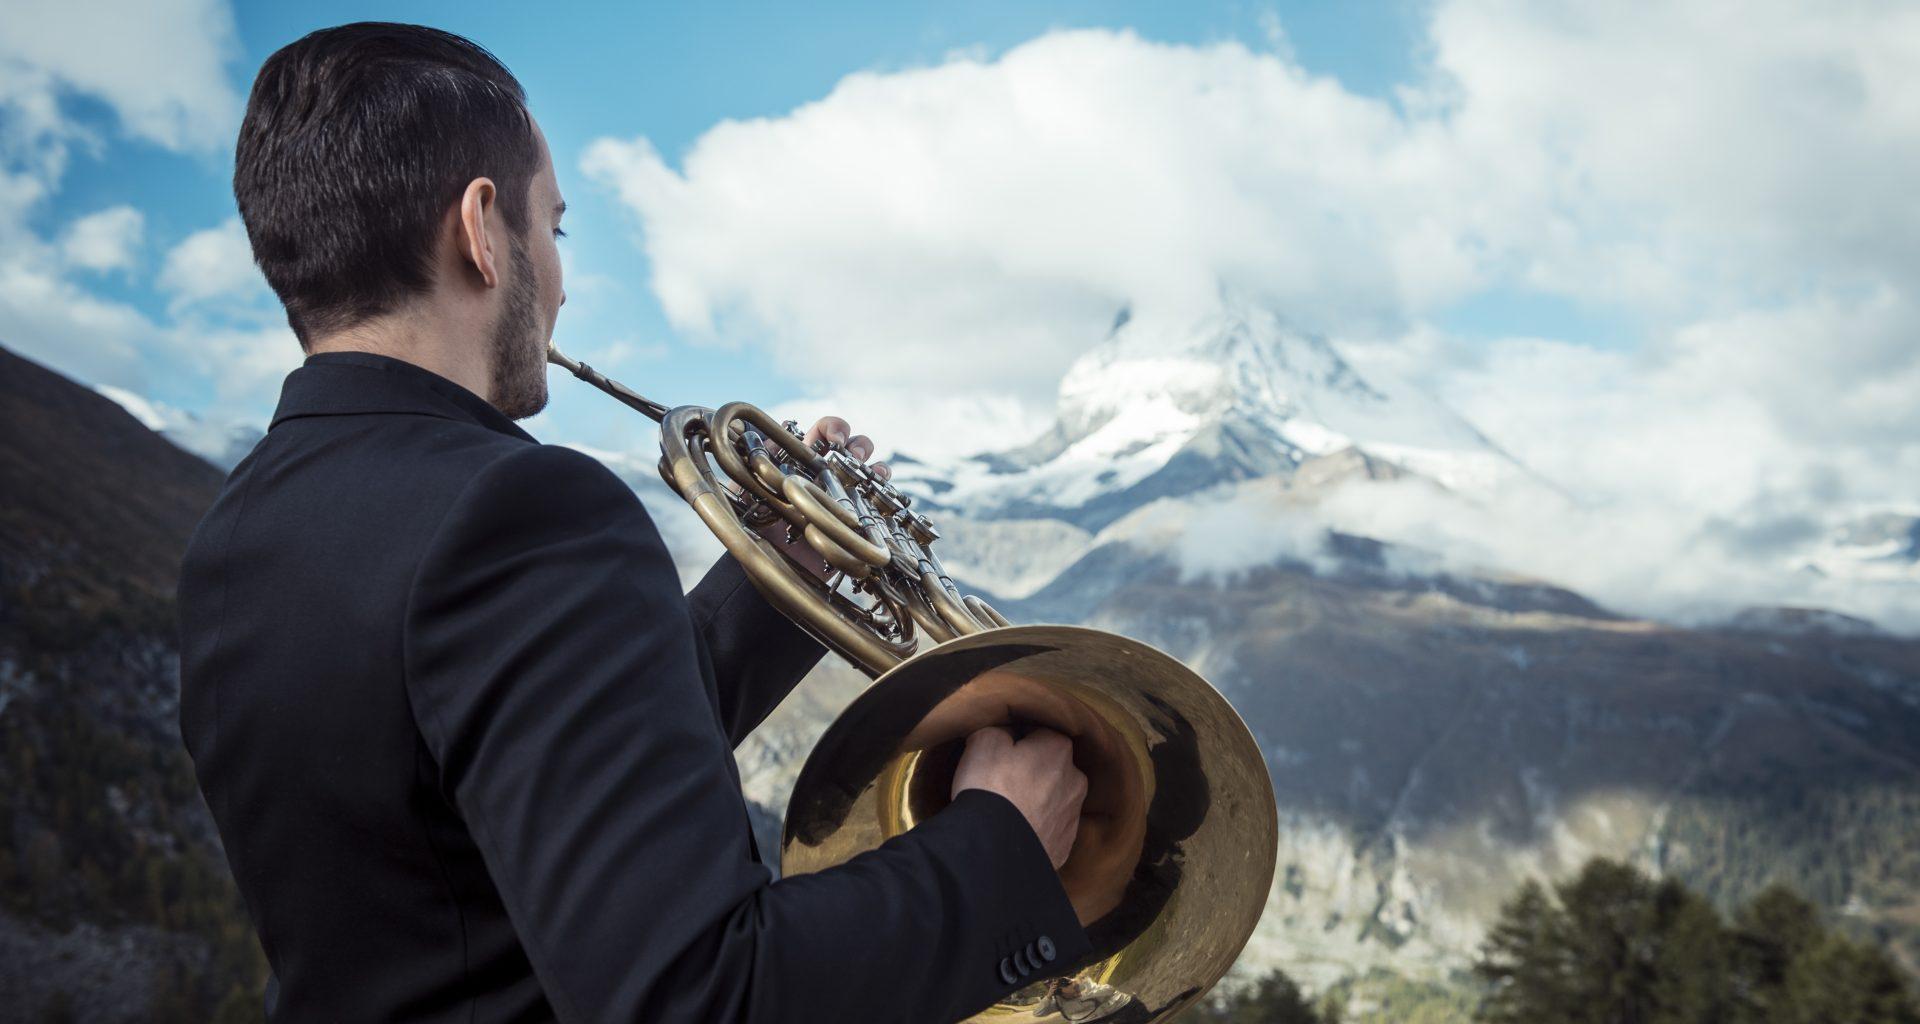 Musiker vor dem Matterhorn